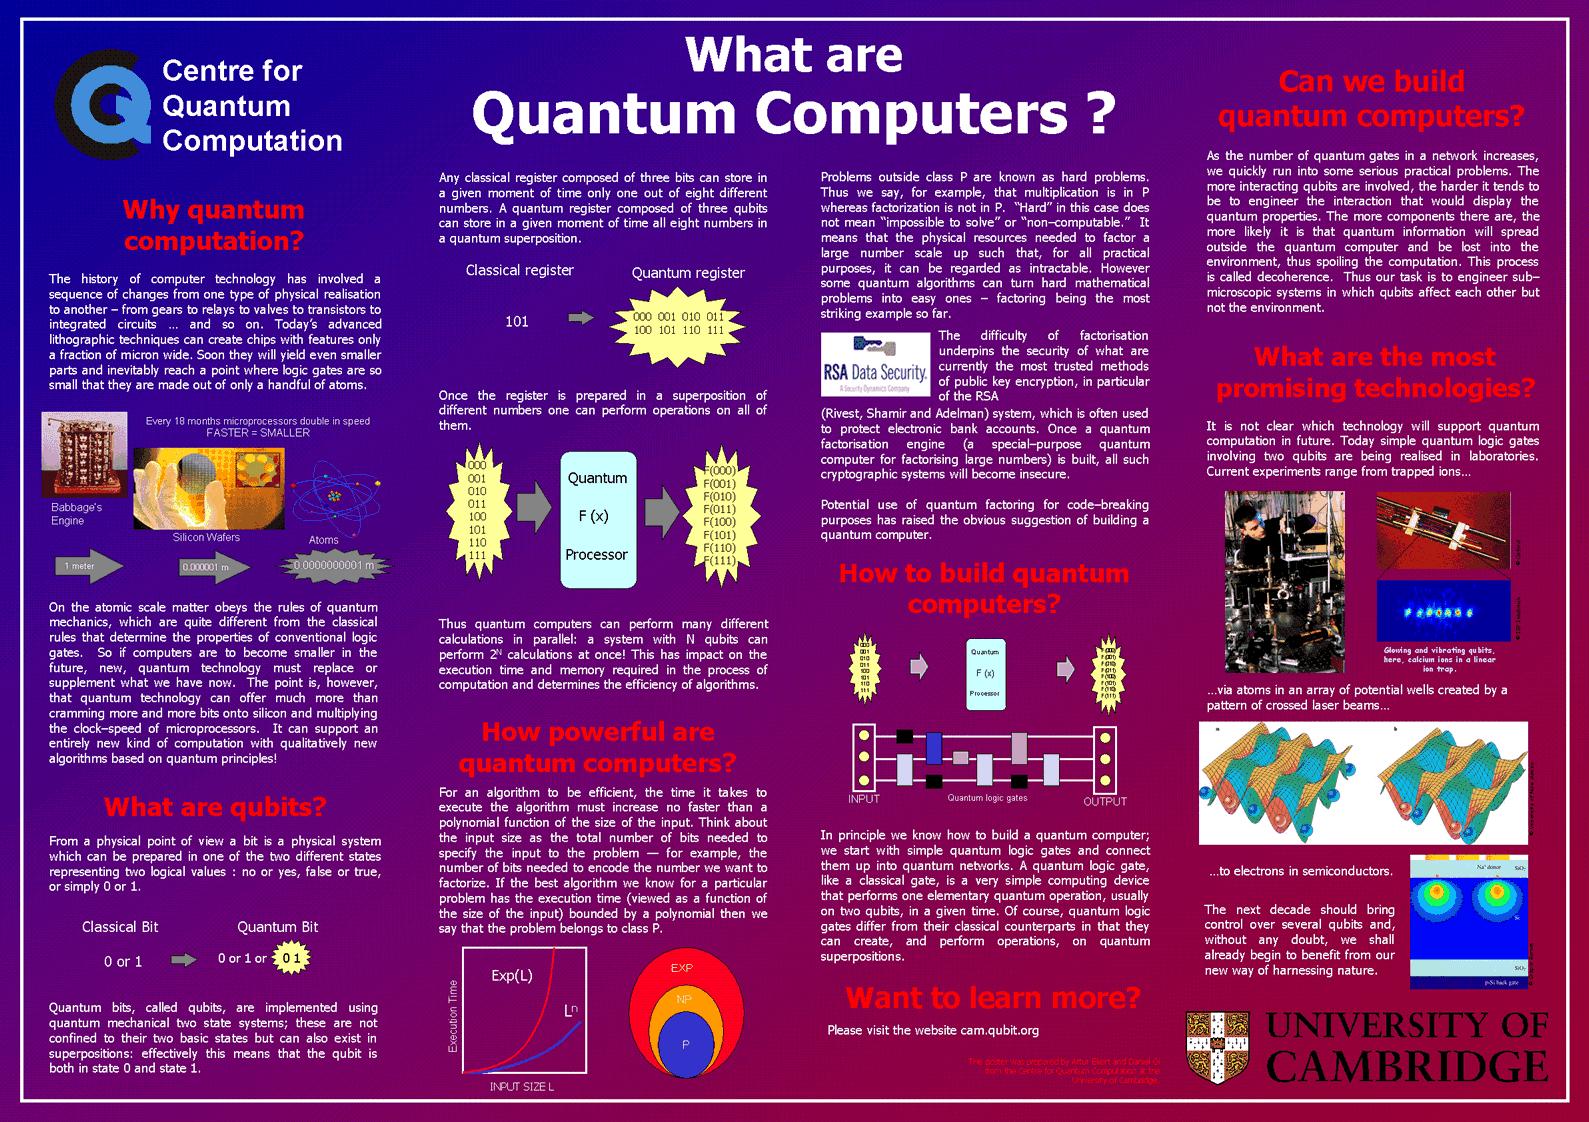 Pic 5 PUB_CQC_Cambridge_Quantum_Computing_Explained_lg